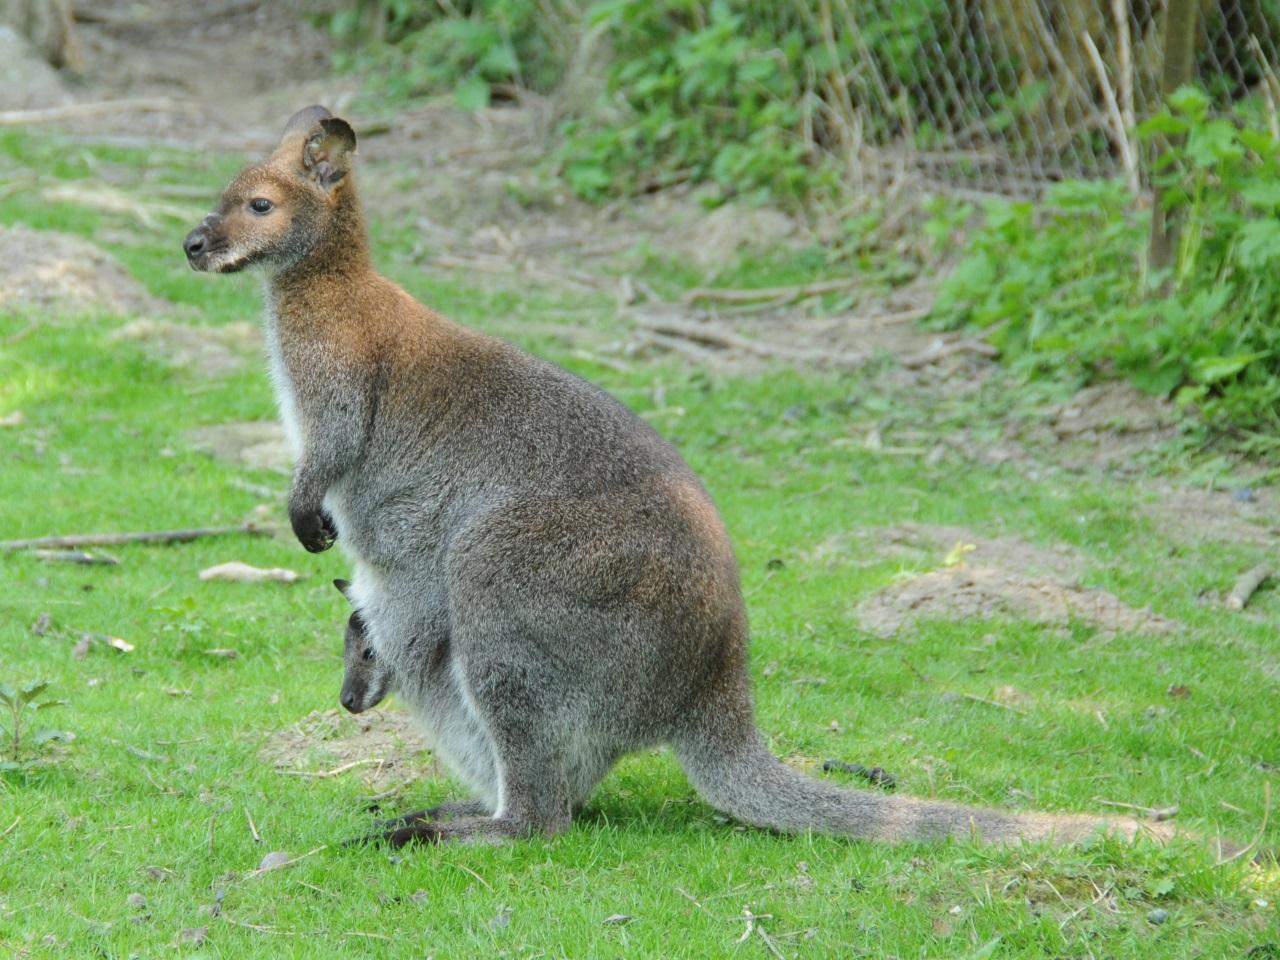 Un wallaby s'est échappé de l'espace zoologique de Saint-Martin-la-Plaine